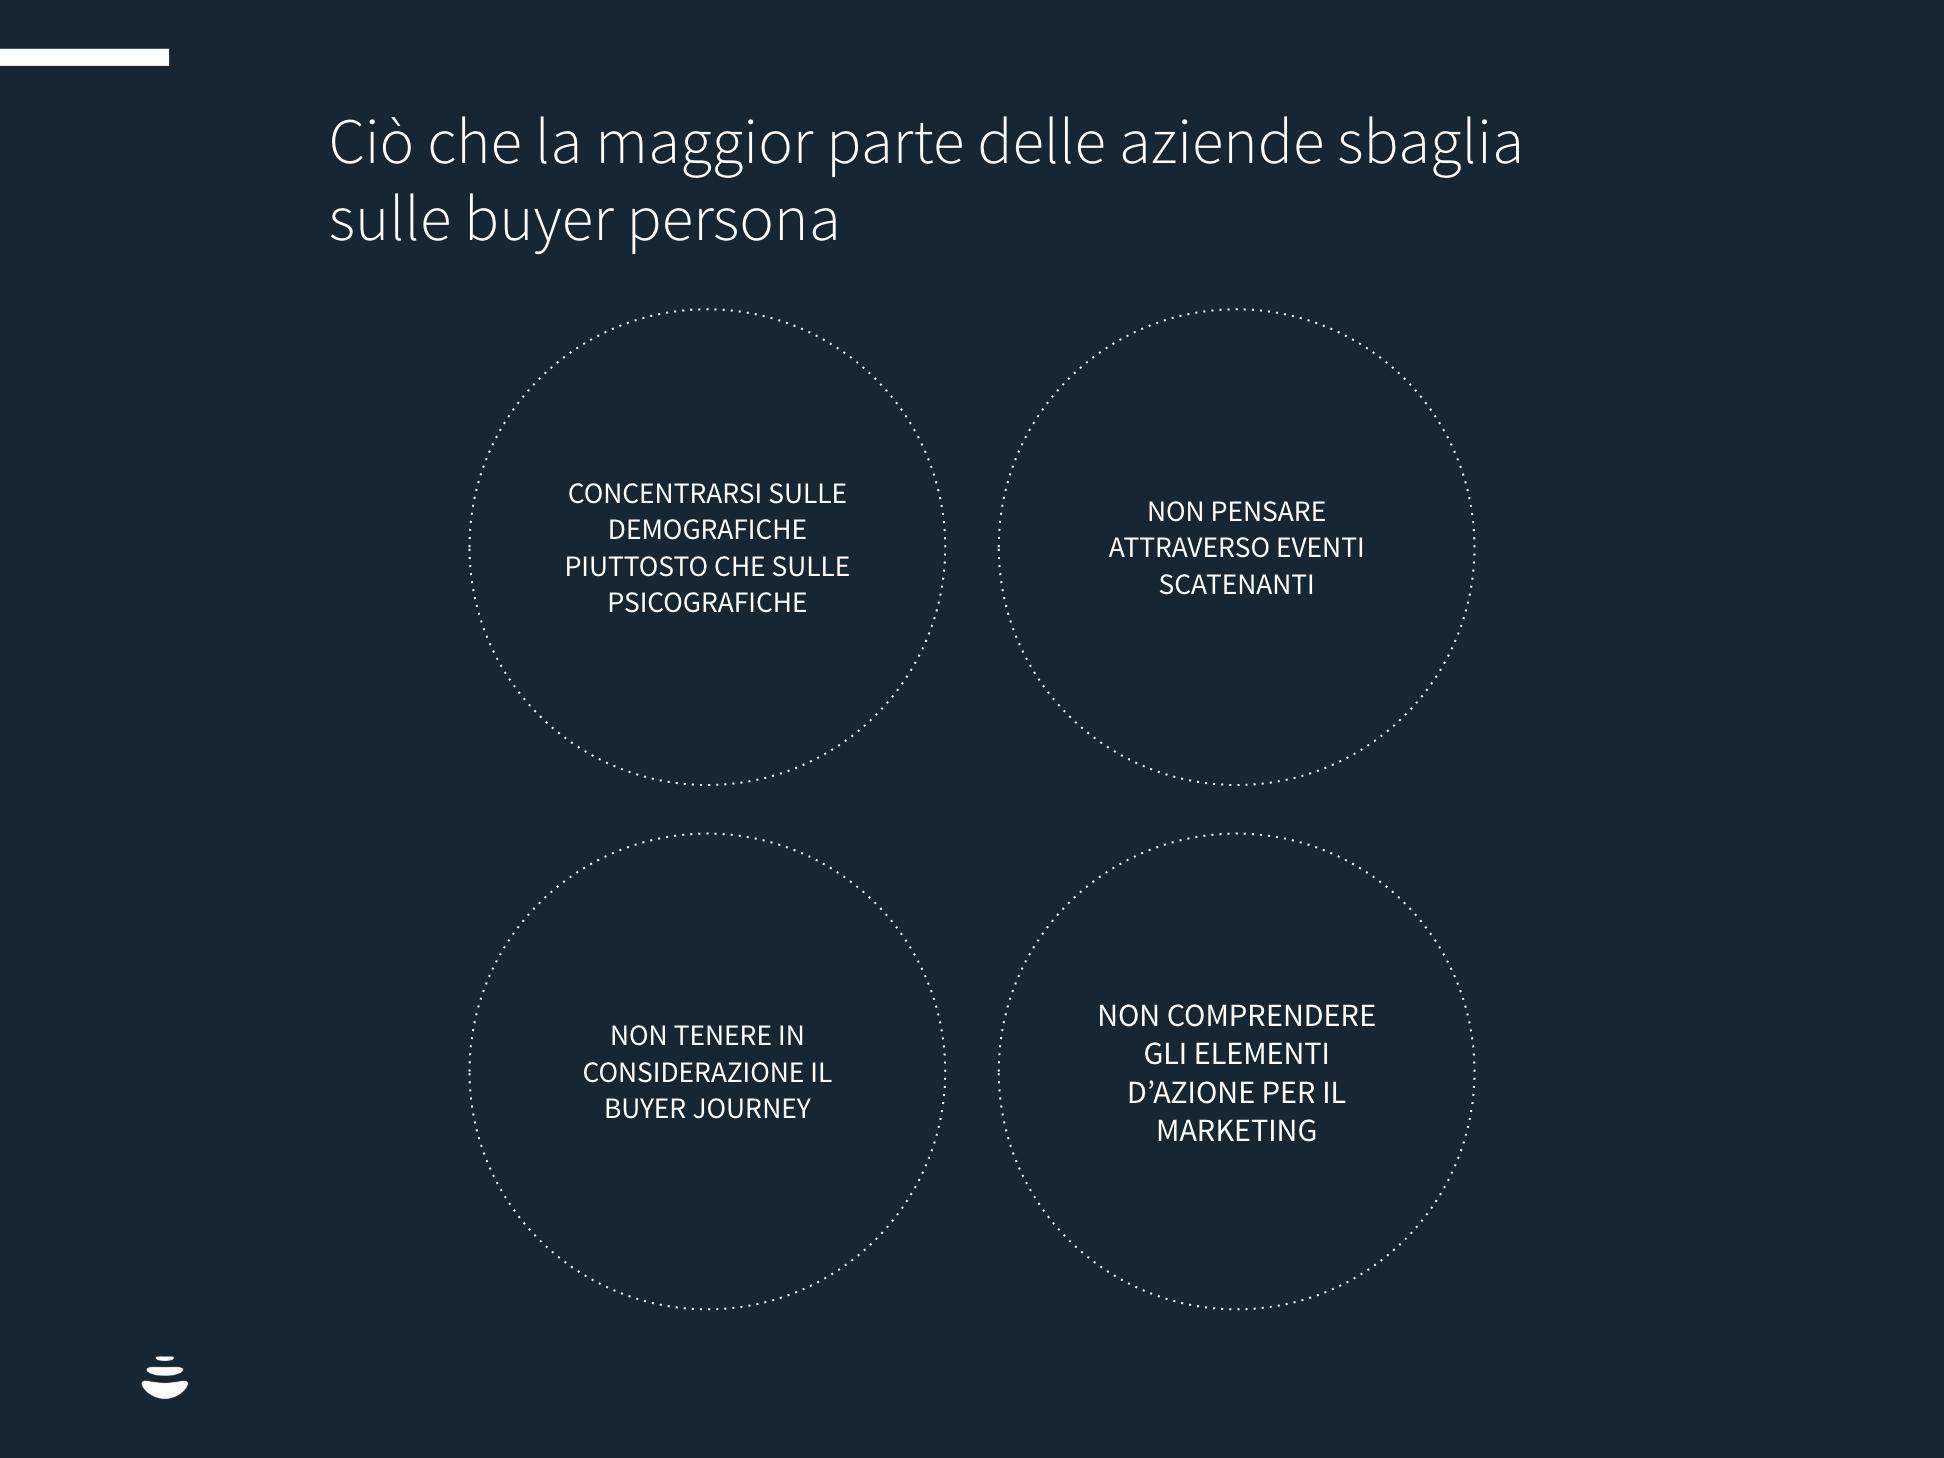 BUYER PERSONA COSA SBAGLIANO LE AZIENDE